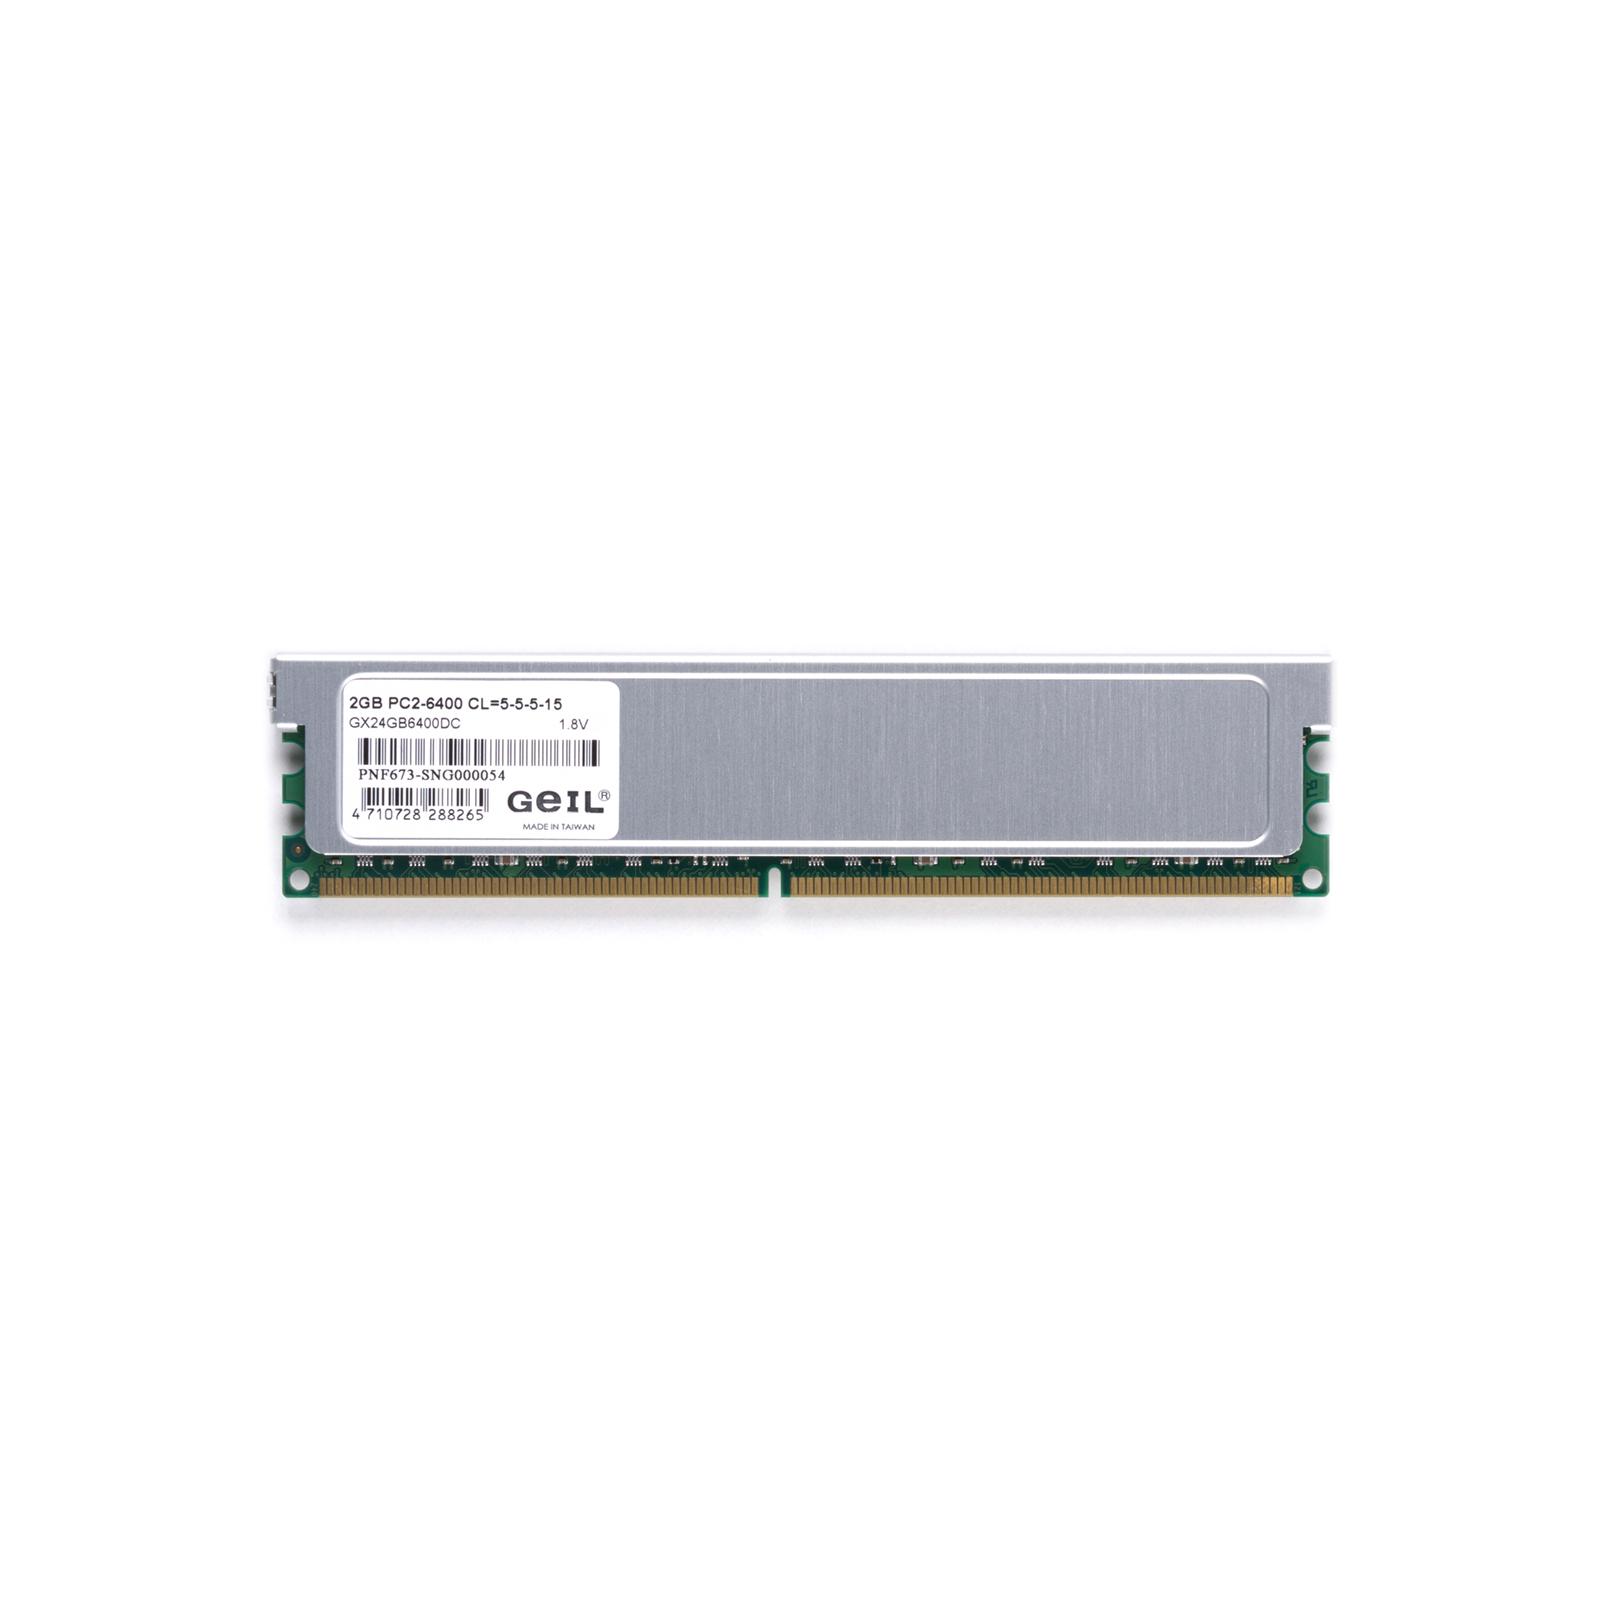 Модуль памяти для компьютера DDR2 4GB (2х2GB) 800 MHz GEIL (GX24GB6400DC) изображение 4